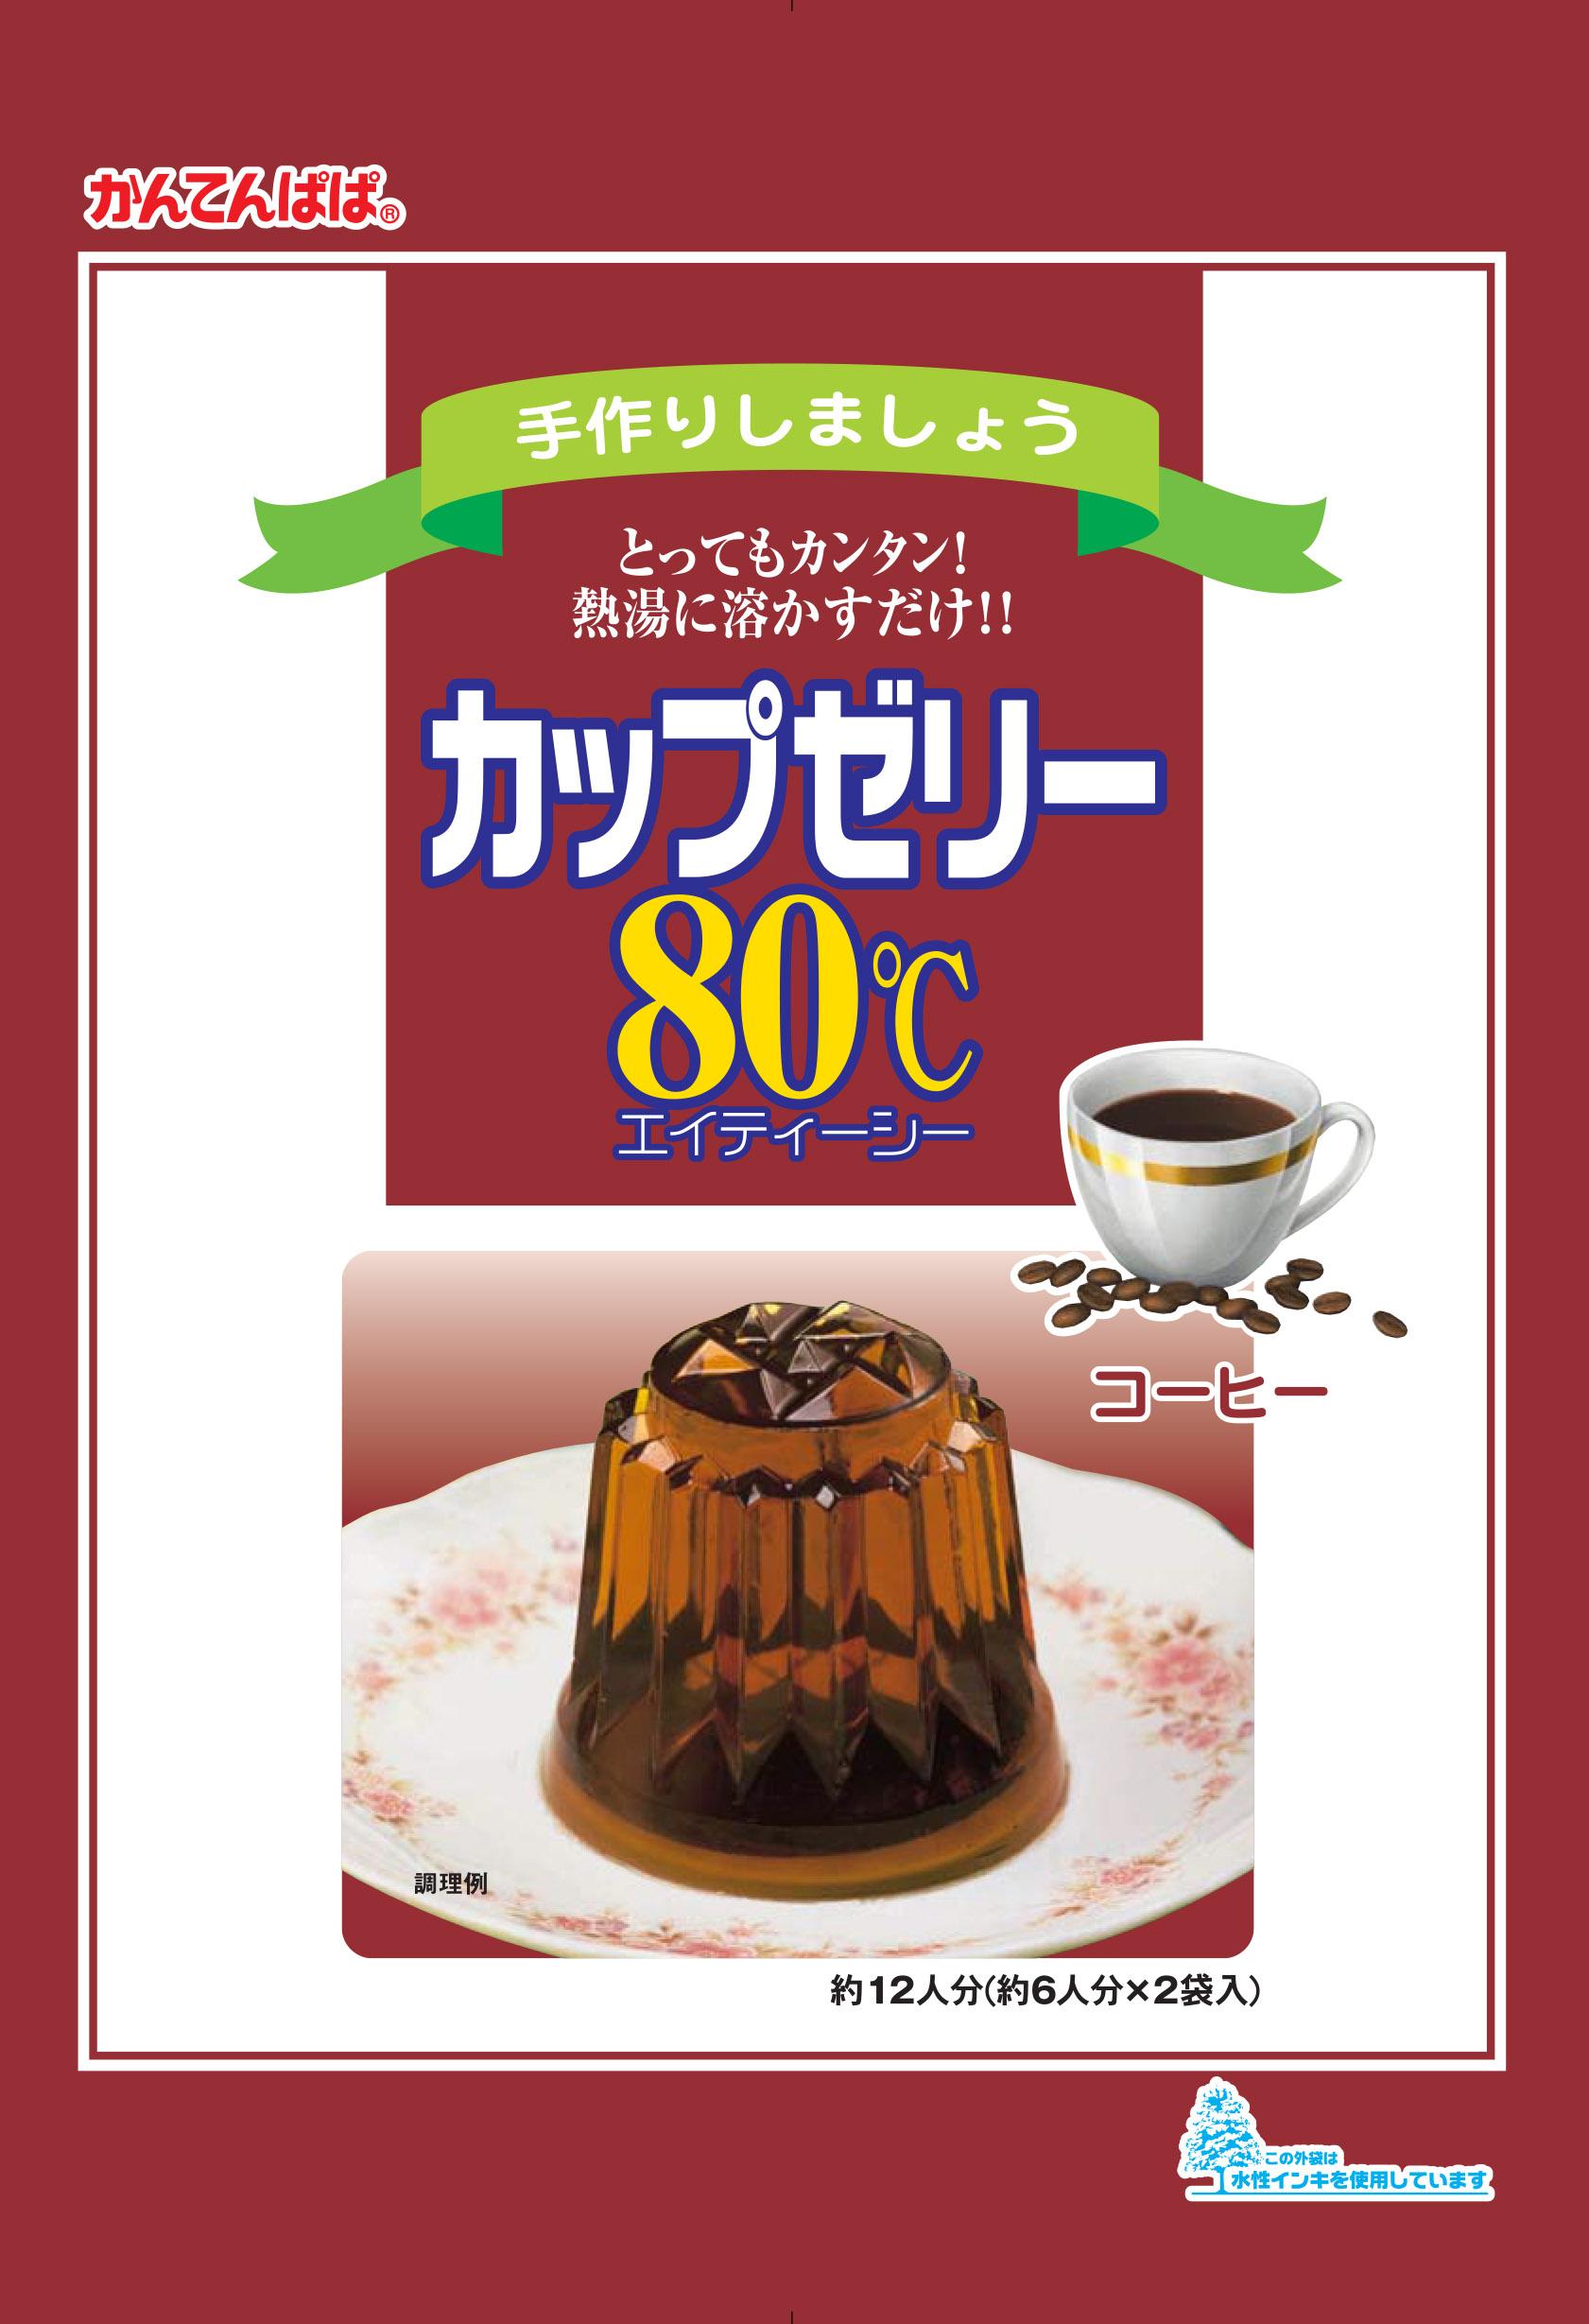 カップゼリー80℃ コーヒー 2袋入